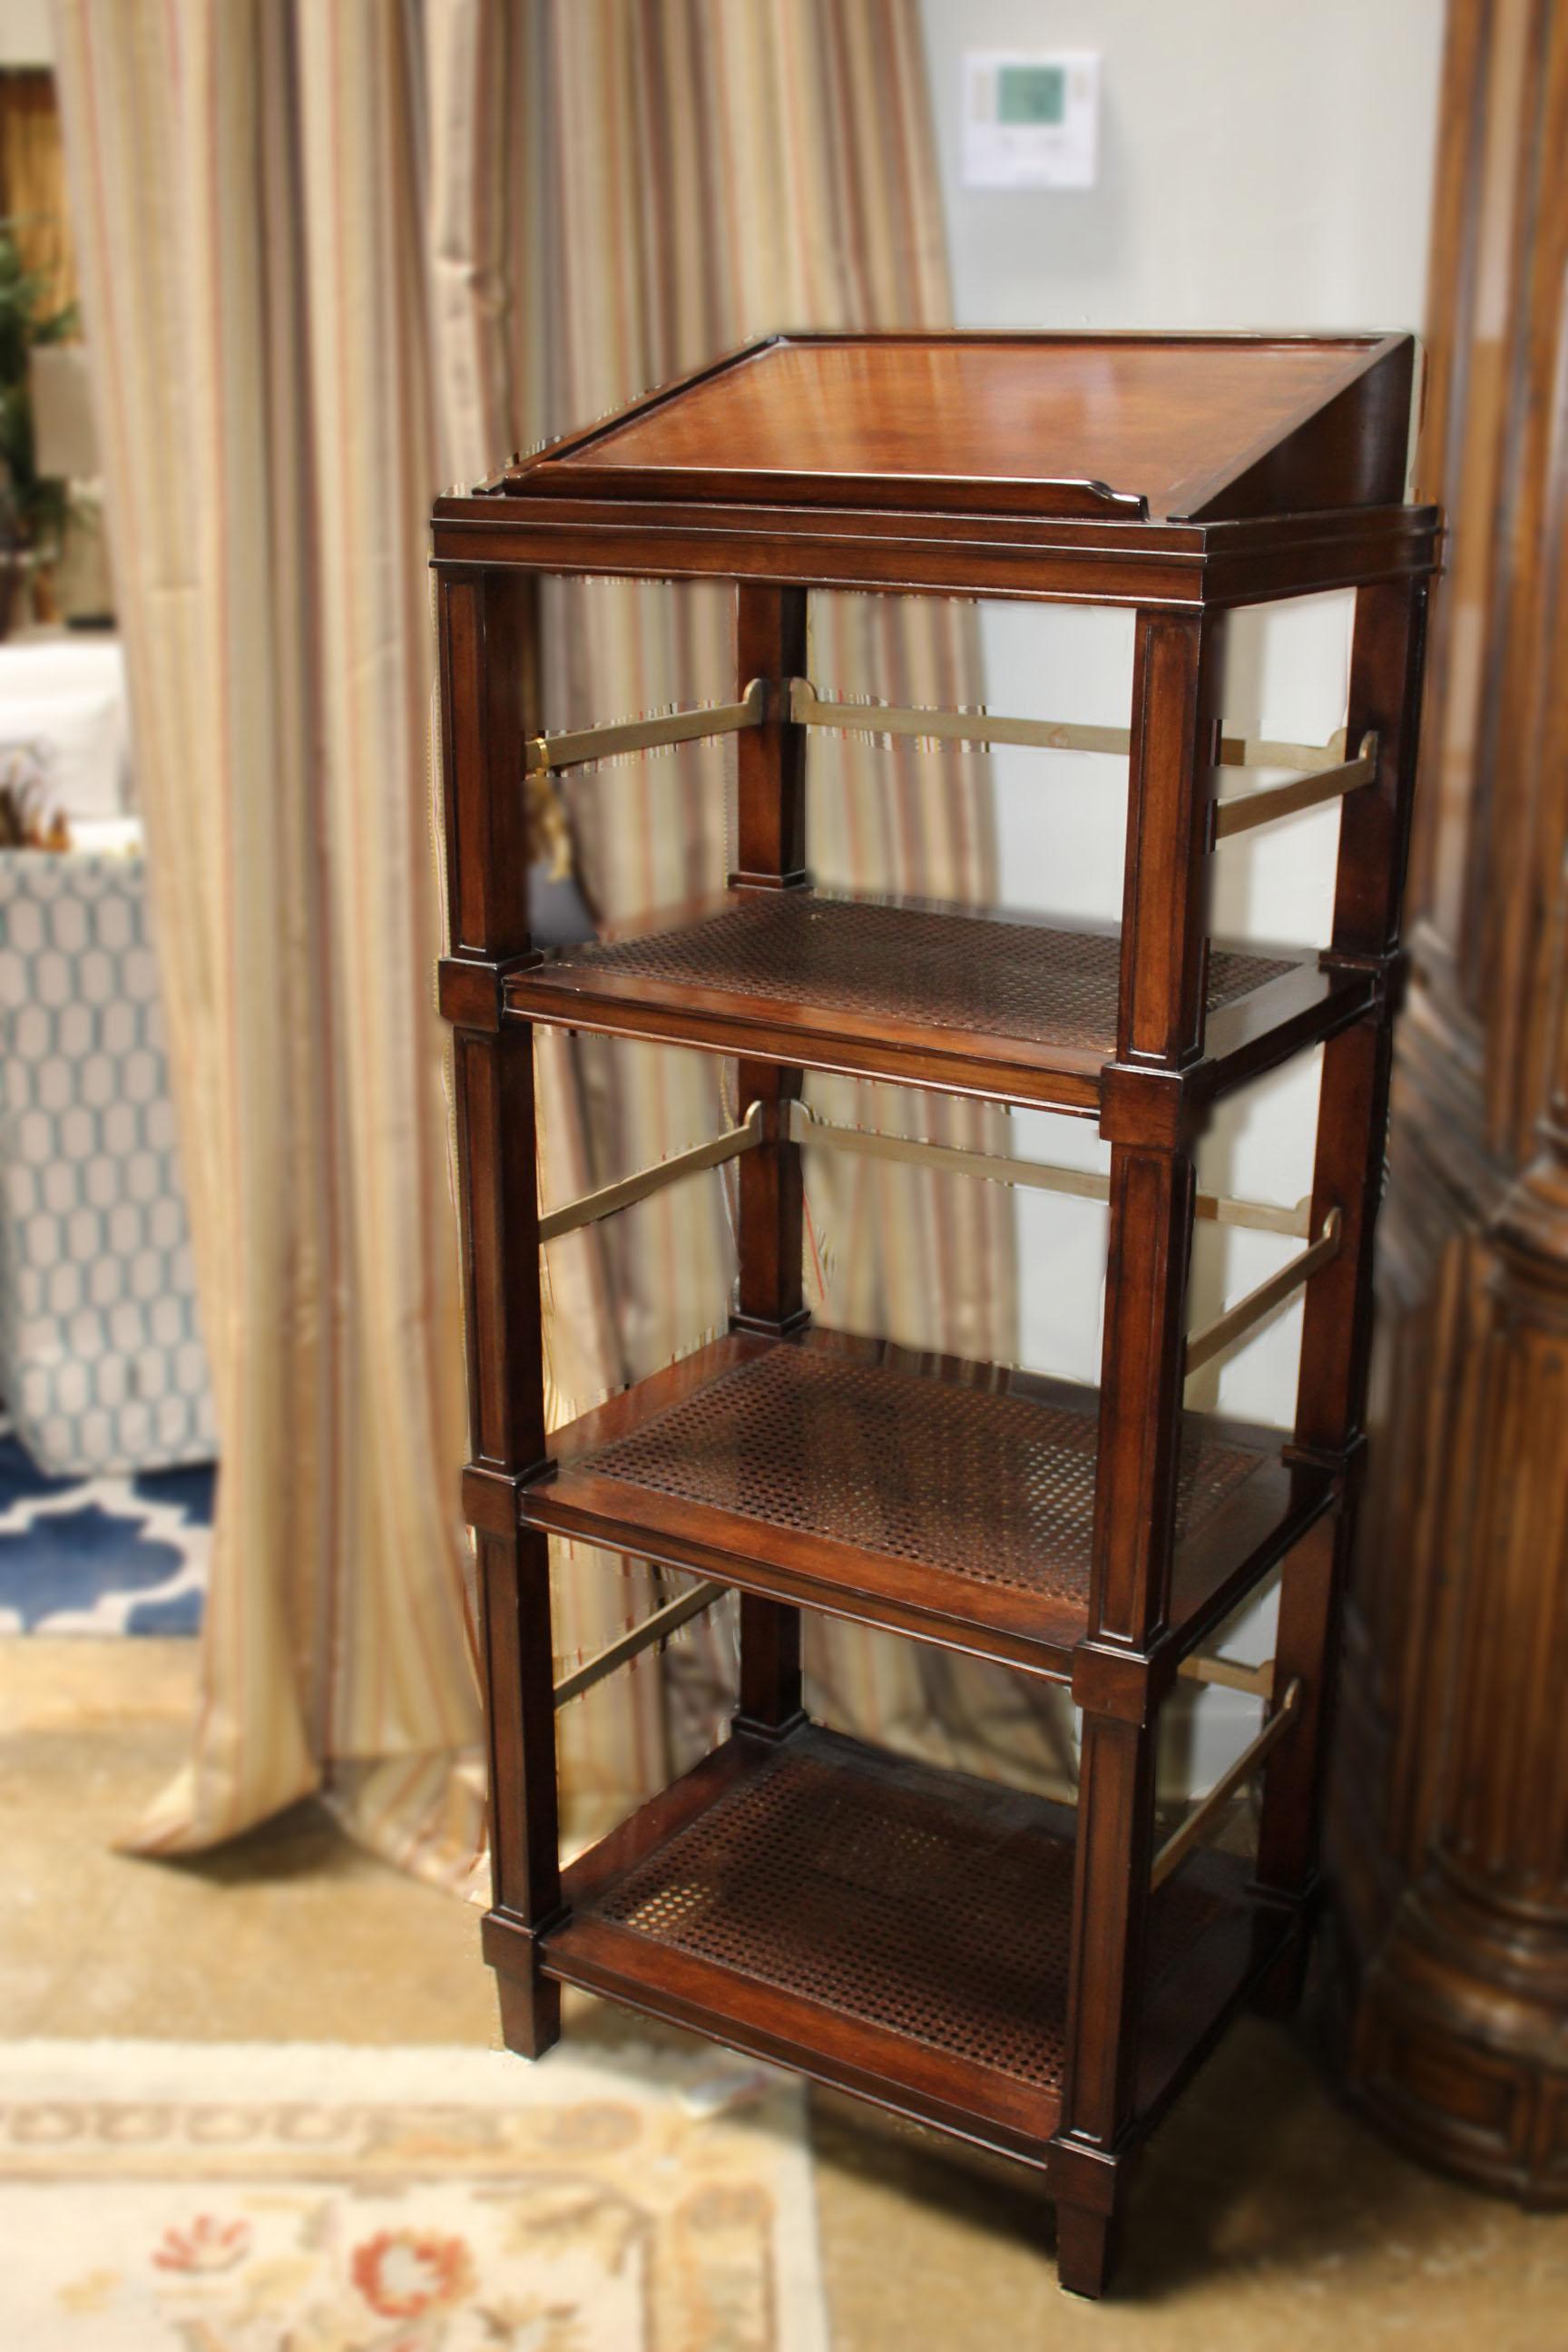 Dictionary Stand Book Shelf